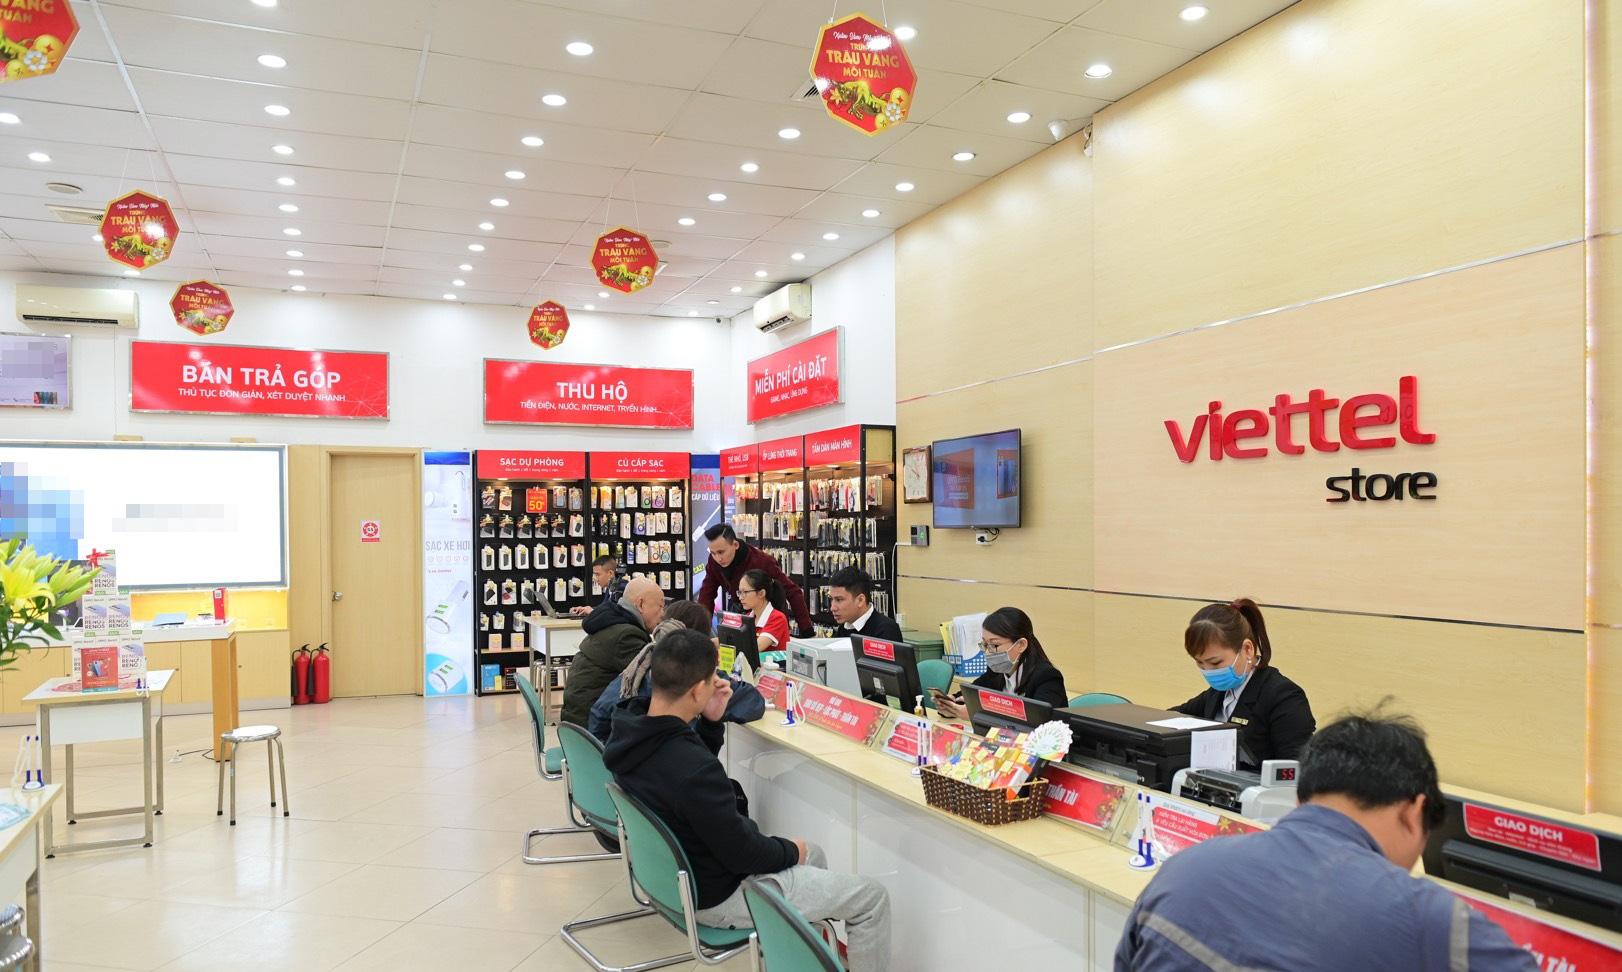 Lợi đơn - lợi kép khi mua smartphone vivo tại Viettel Store từ nay đến 31/01 - Ảnh 1.